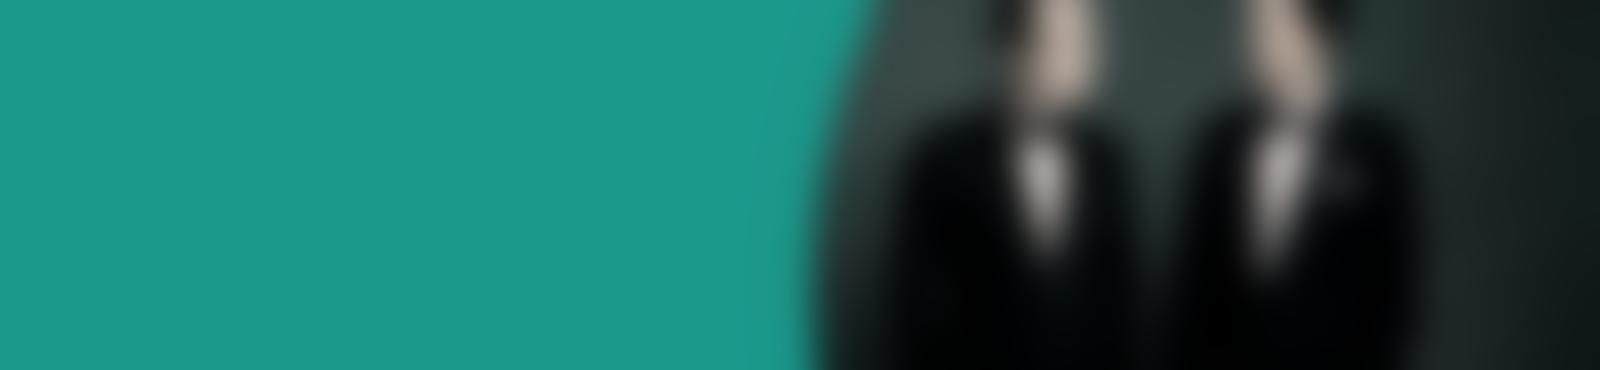 Blurred b6a94f6c d6cf 4064 9300 e685df29086e